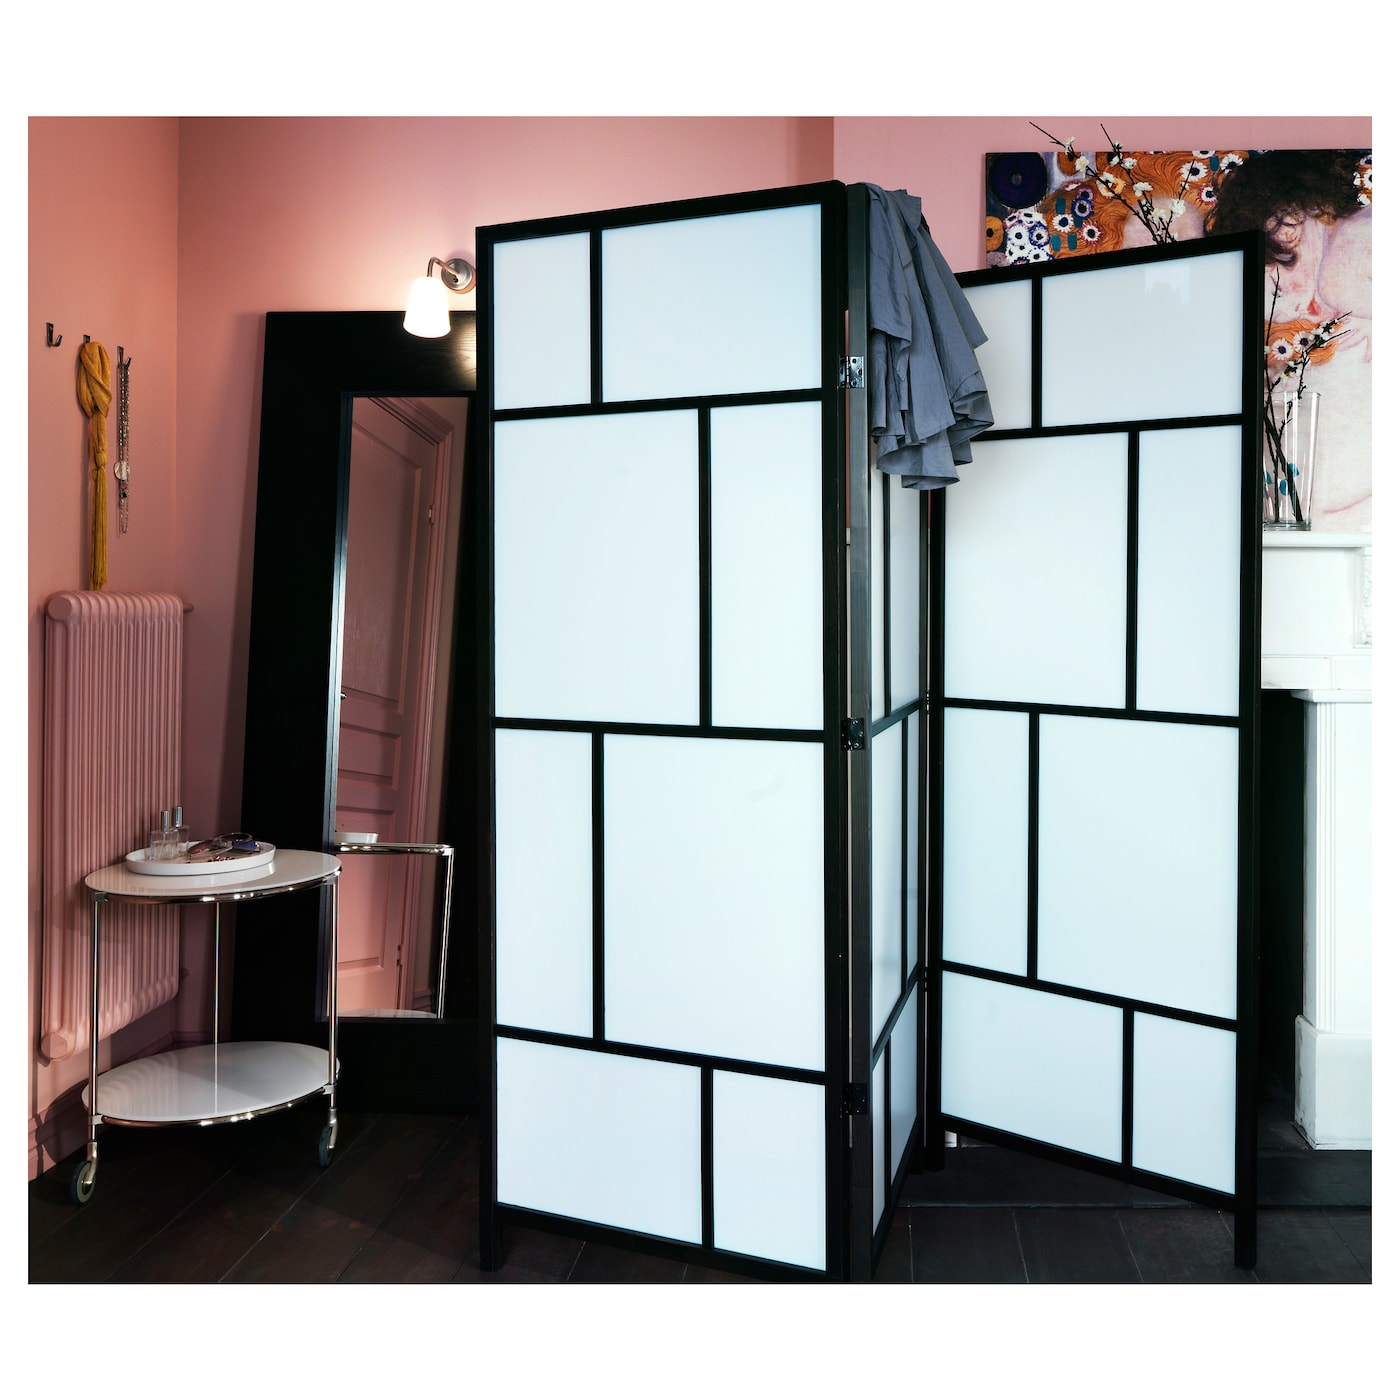 Full Size of Risr Raumteiler Praktischer Paravent Mit Massivholz Rahmen Garten Wohnzimmer Paravent Gartenikea